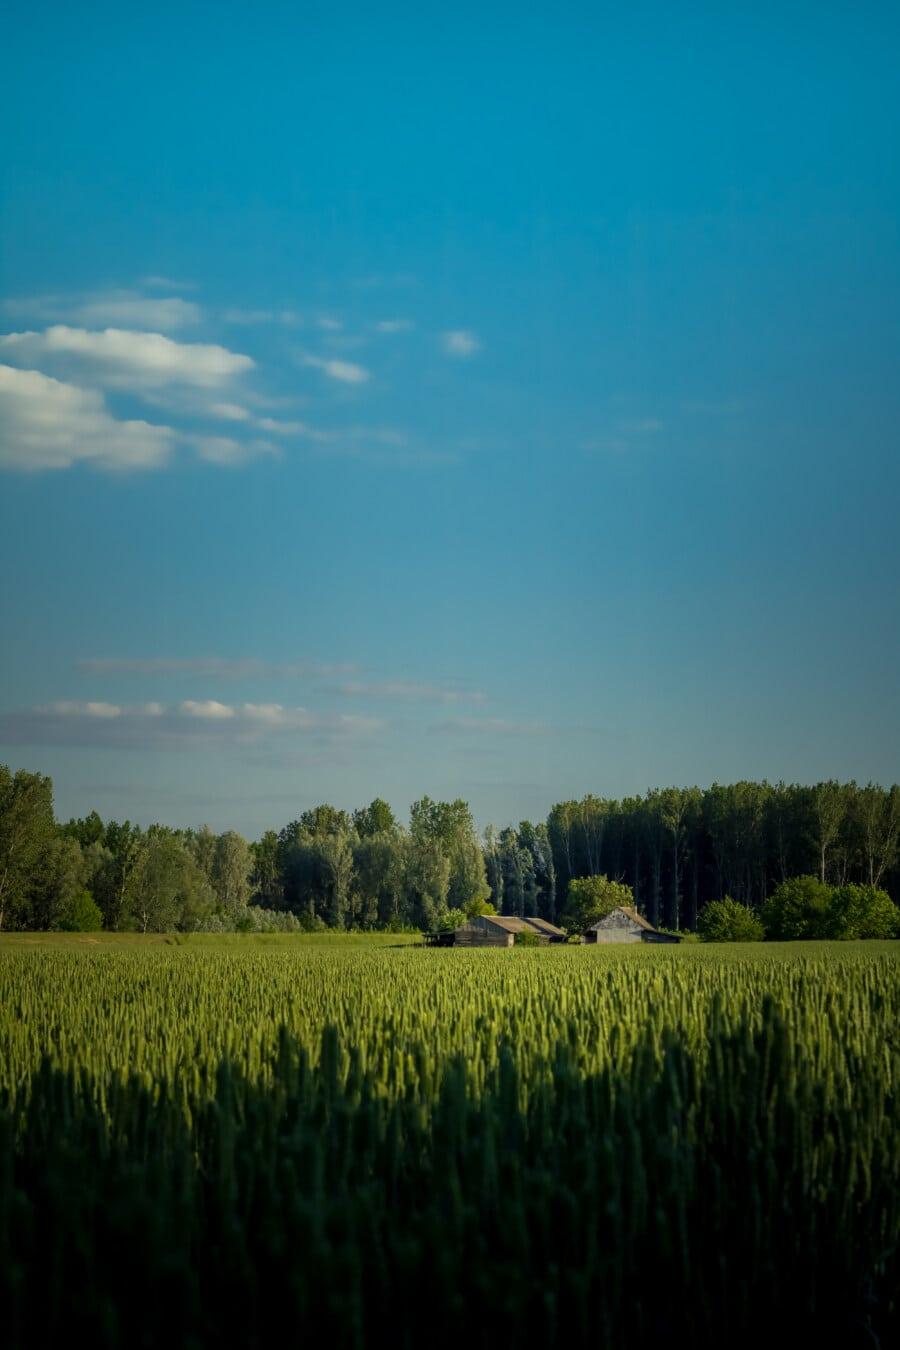 Weizenfeld, Landwirtschaft, Feld, Ranch, Ackerland, Bauernhaus, Bauernhof, Frühling, Schönwetter, Gras